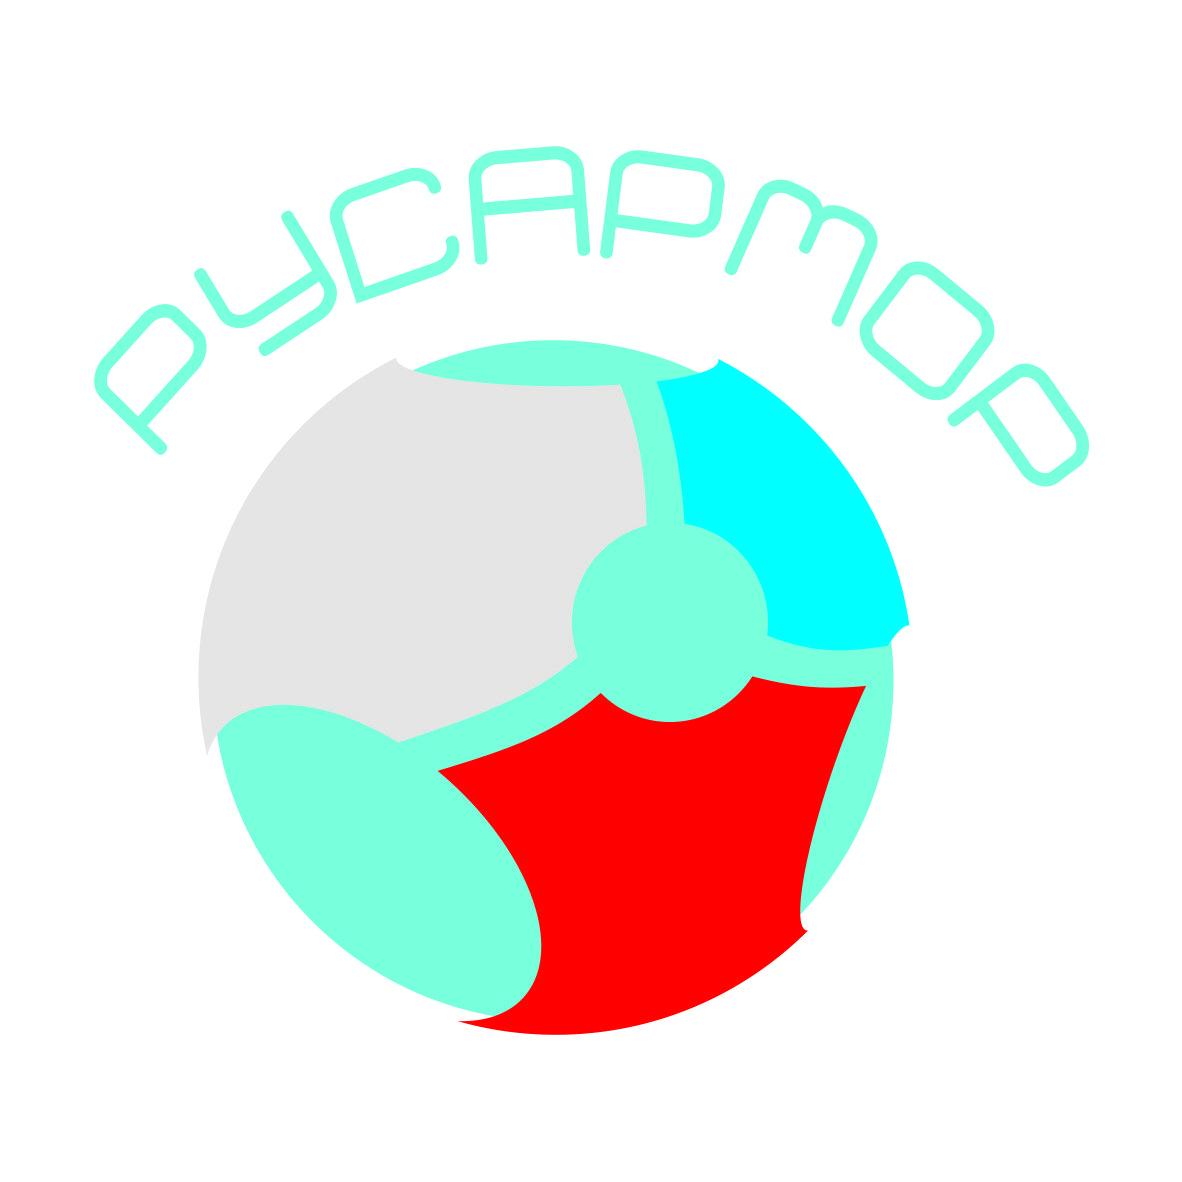 Разработка логотипа технологического стартапа РУСАРМОР фото f_8015a09018d08f7f.jpg